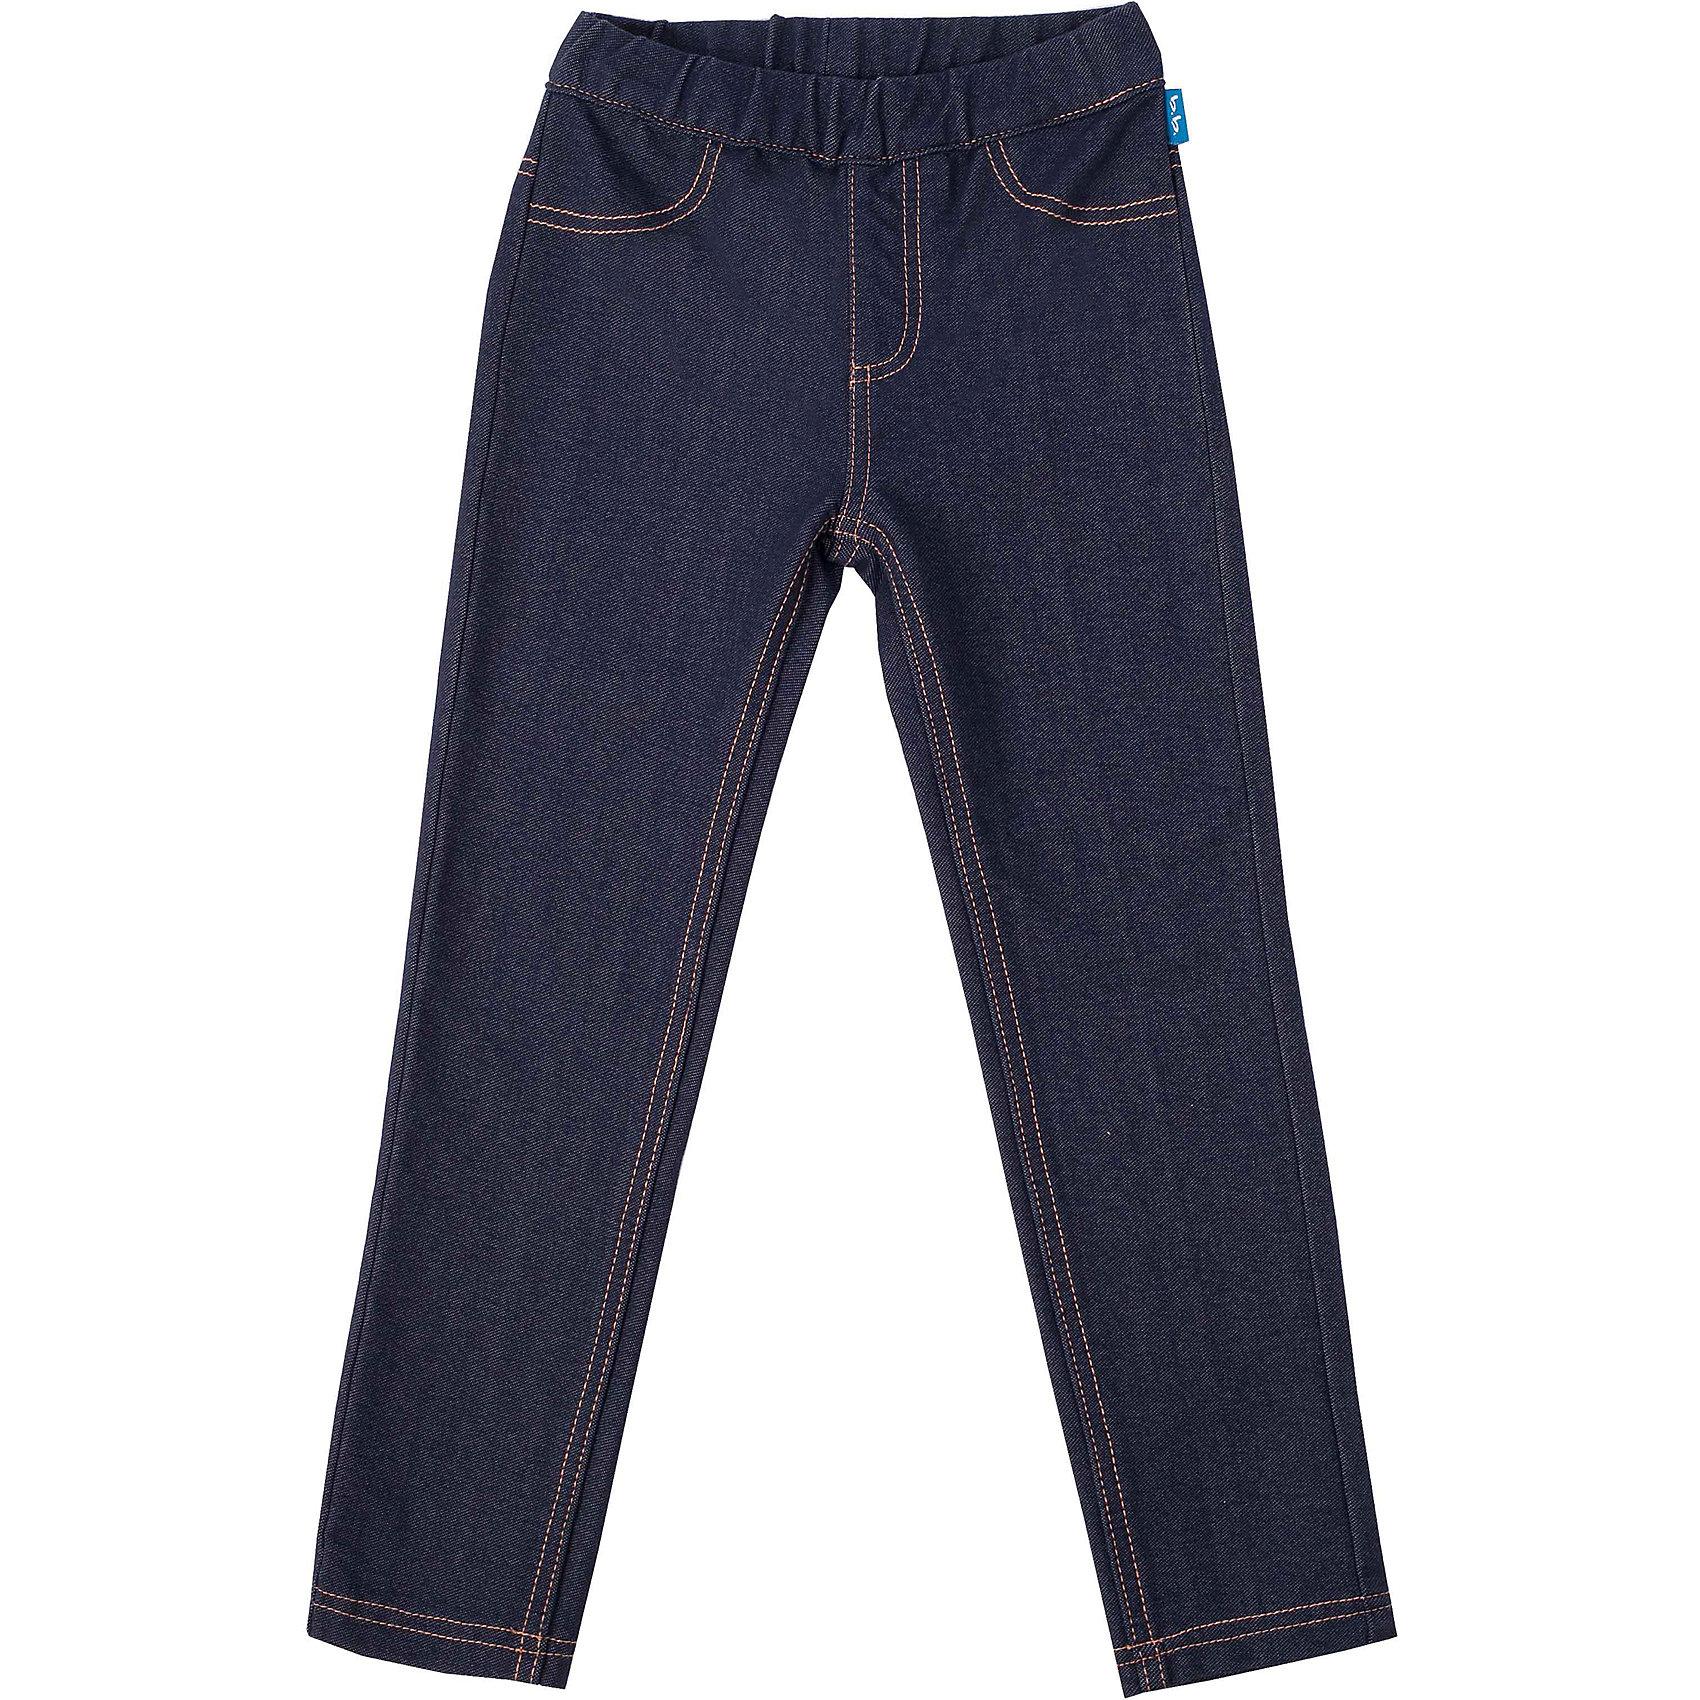 Леггинсы джинсовые для девочки Button BlueДжинсовая одежда<br>Трикотажные брюки полностью  имитируют модные джинсы облегающего силуэта. При этом они комфортны как леггины, что делает их идеальным дополнением к любой футболке, толстовке, тунике. Оптимальное решение на каждый день!<br>Состав:<br>95%хлопок 5%эластан<br><br>Ширина мм: 215<br>Глубина мм: 88<br>Высота мм: 191<br>Вес г: 336<br>Цвет: синий<br>Возраст от месяцев: 96<br>Возраст до месяцев: 108<br>Пол: Женский<br>Возраст: Детский<br>Размер: 134,146,158,116,128,104,98,140,152,122,110<br>SKU: 4227117